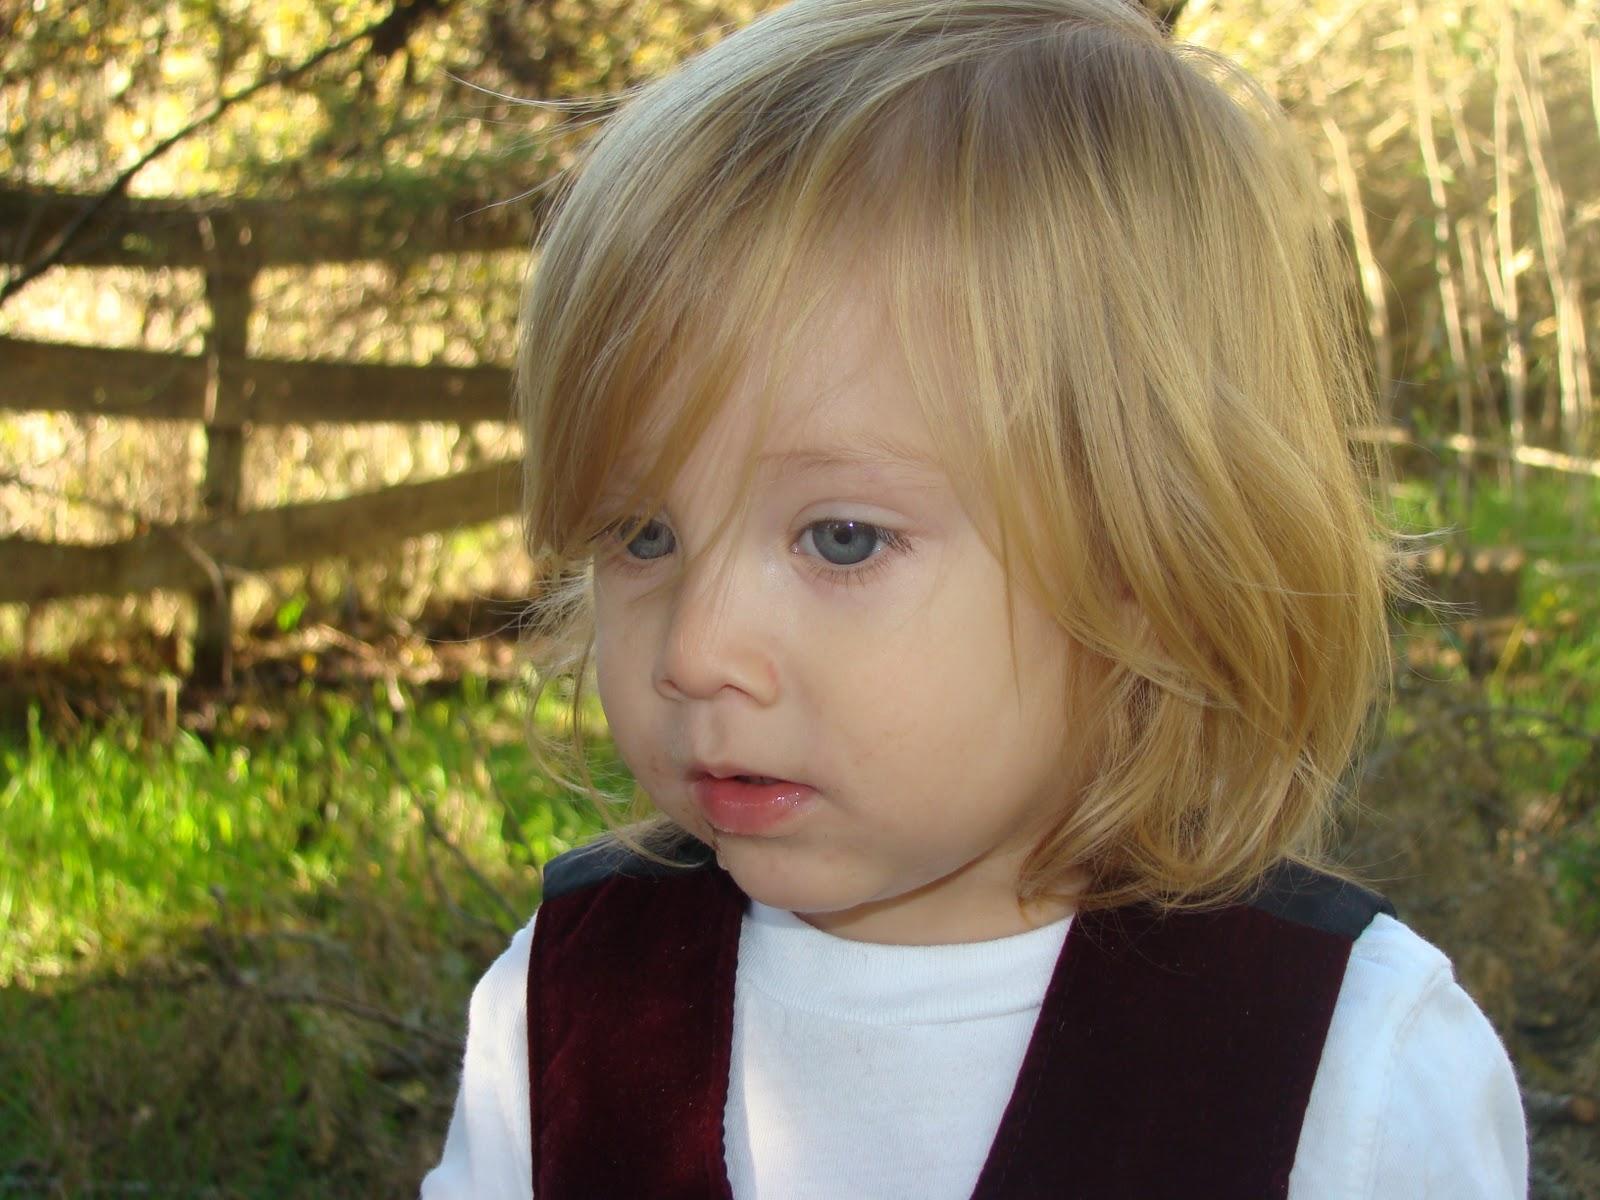 HAIR INK.: BOYS LONG STRAIGHT HAIR